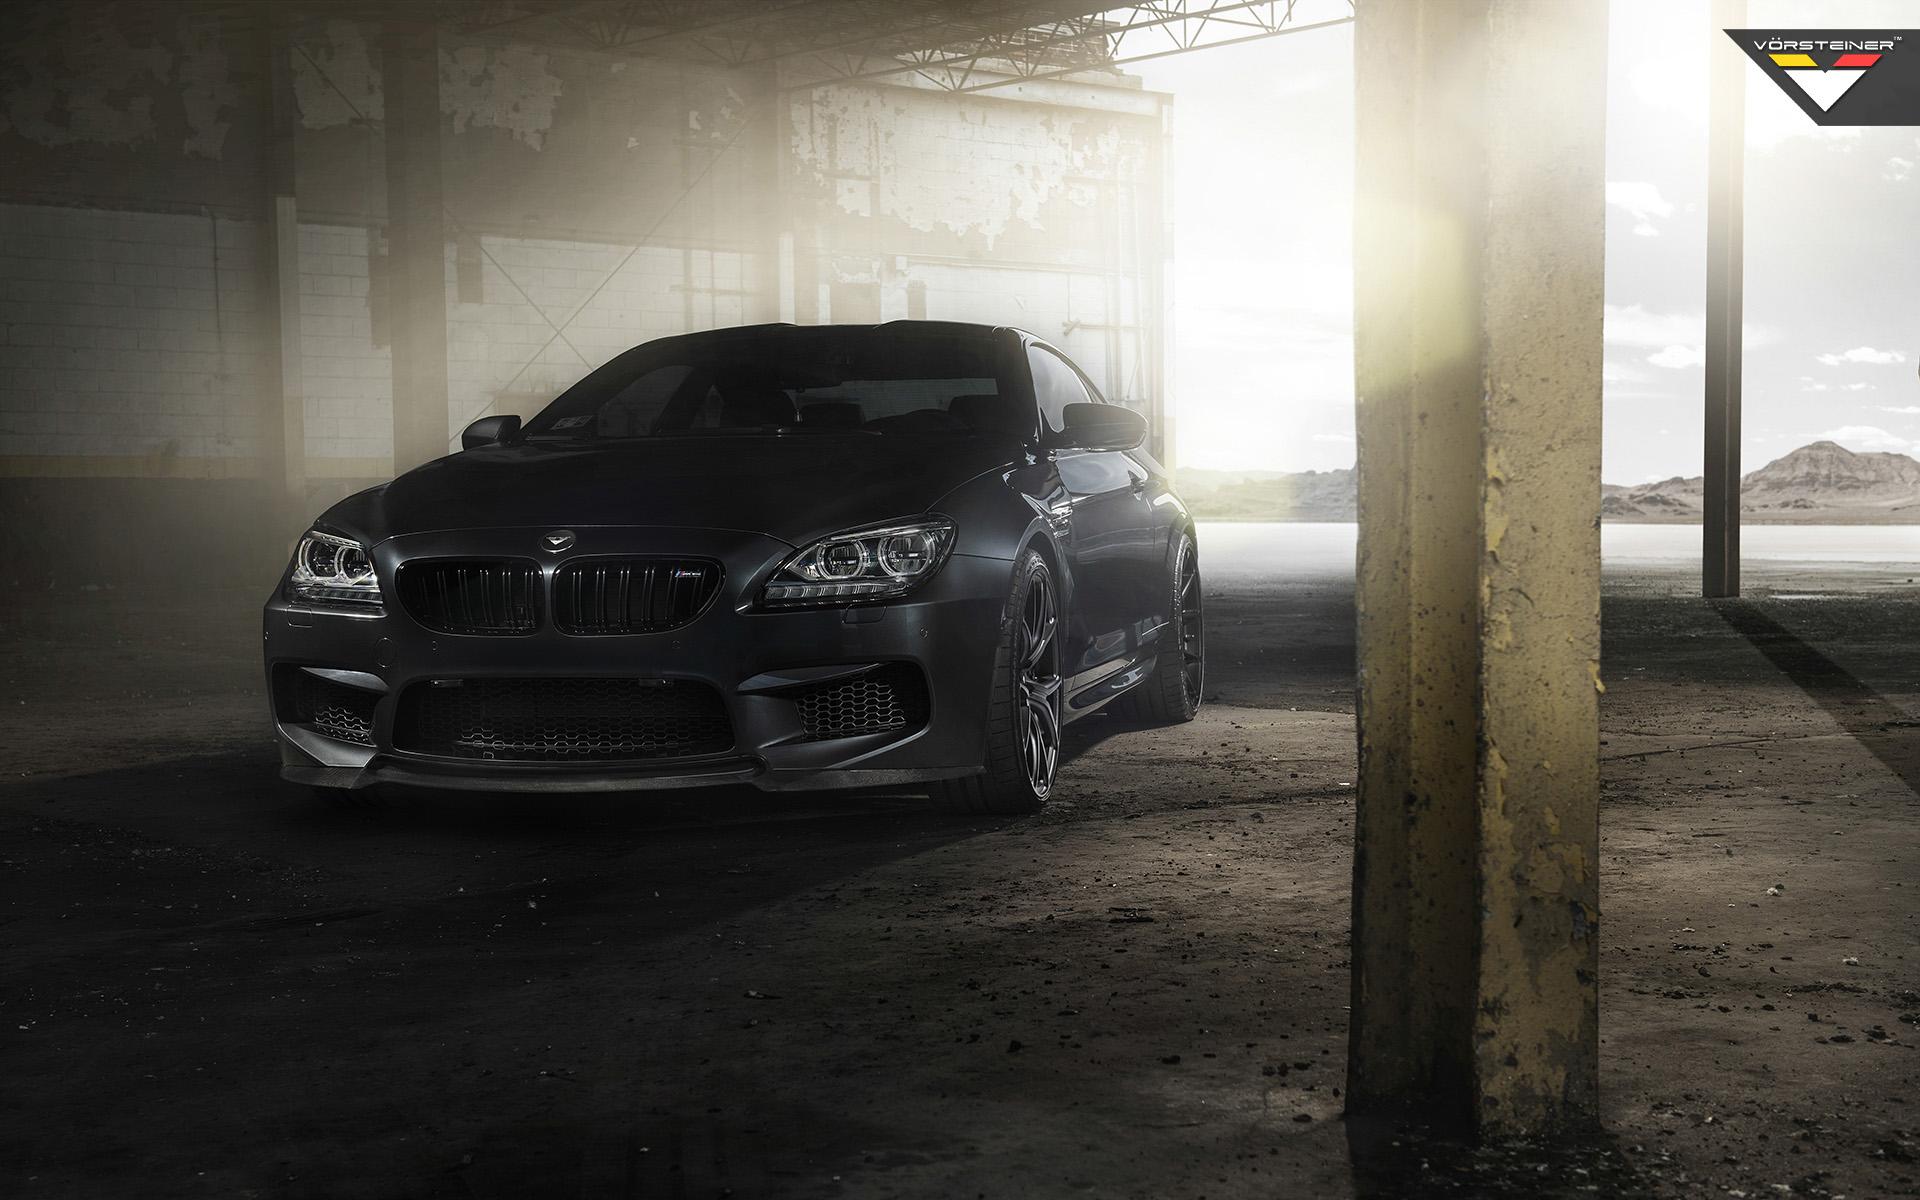 2014 Vorsteiner BMW M6 Gran Coupe Wallpaper | HD Car ...